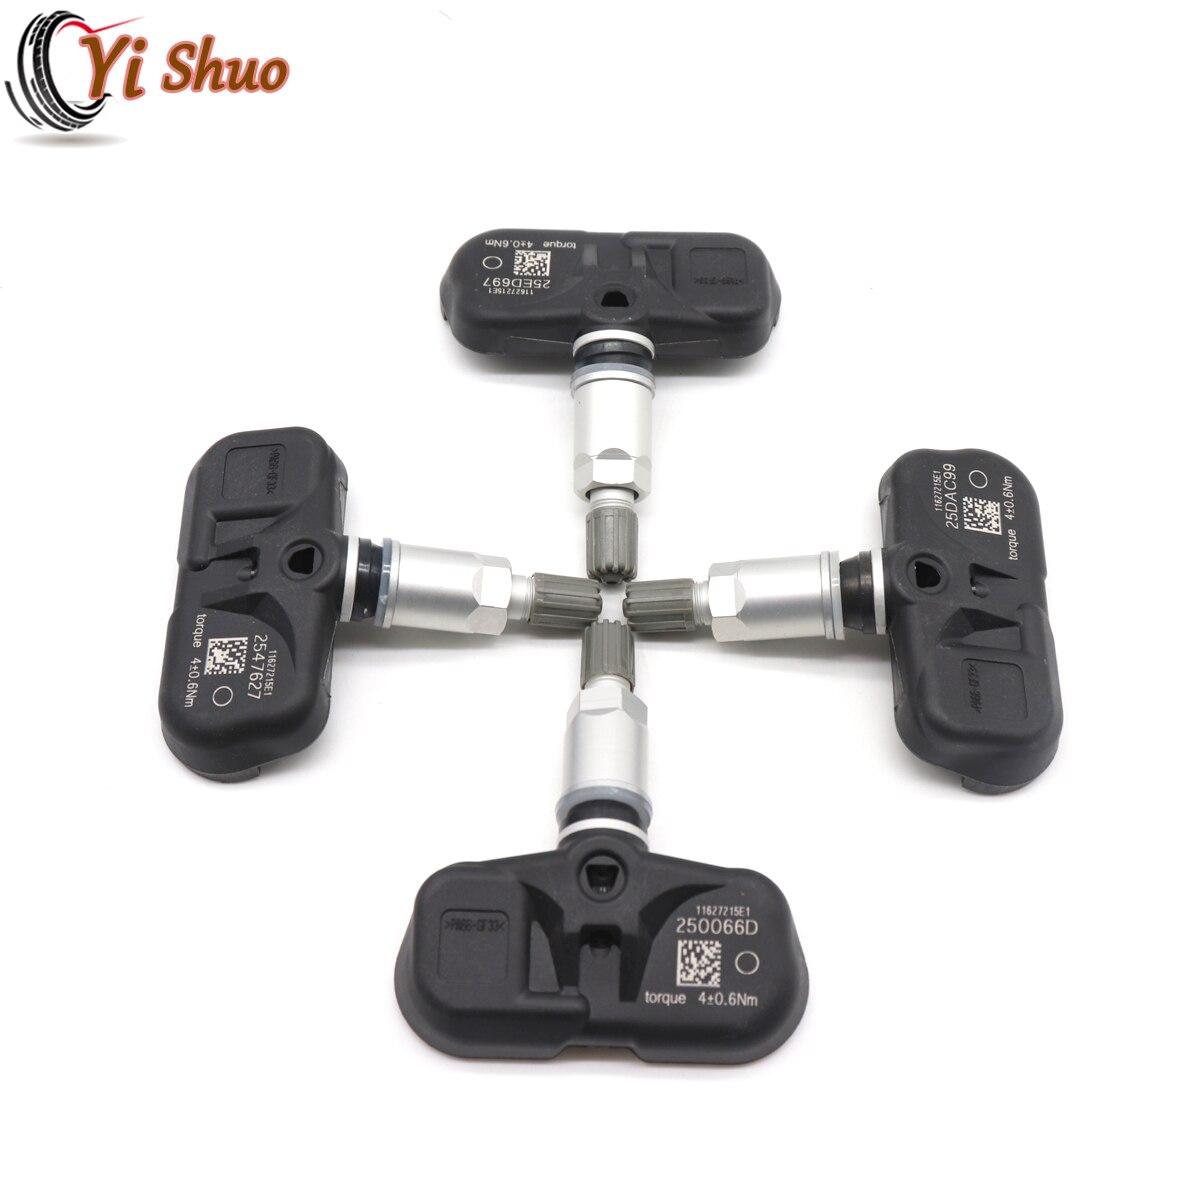 Sistema de supervisión de presión de neumáticos XUAN 550-0103 TPMS, Sensor para Toyota Avalon, Corolla Highlander Land Cruiser Matrix Lexus RX450h